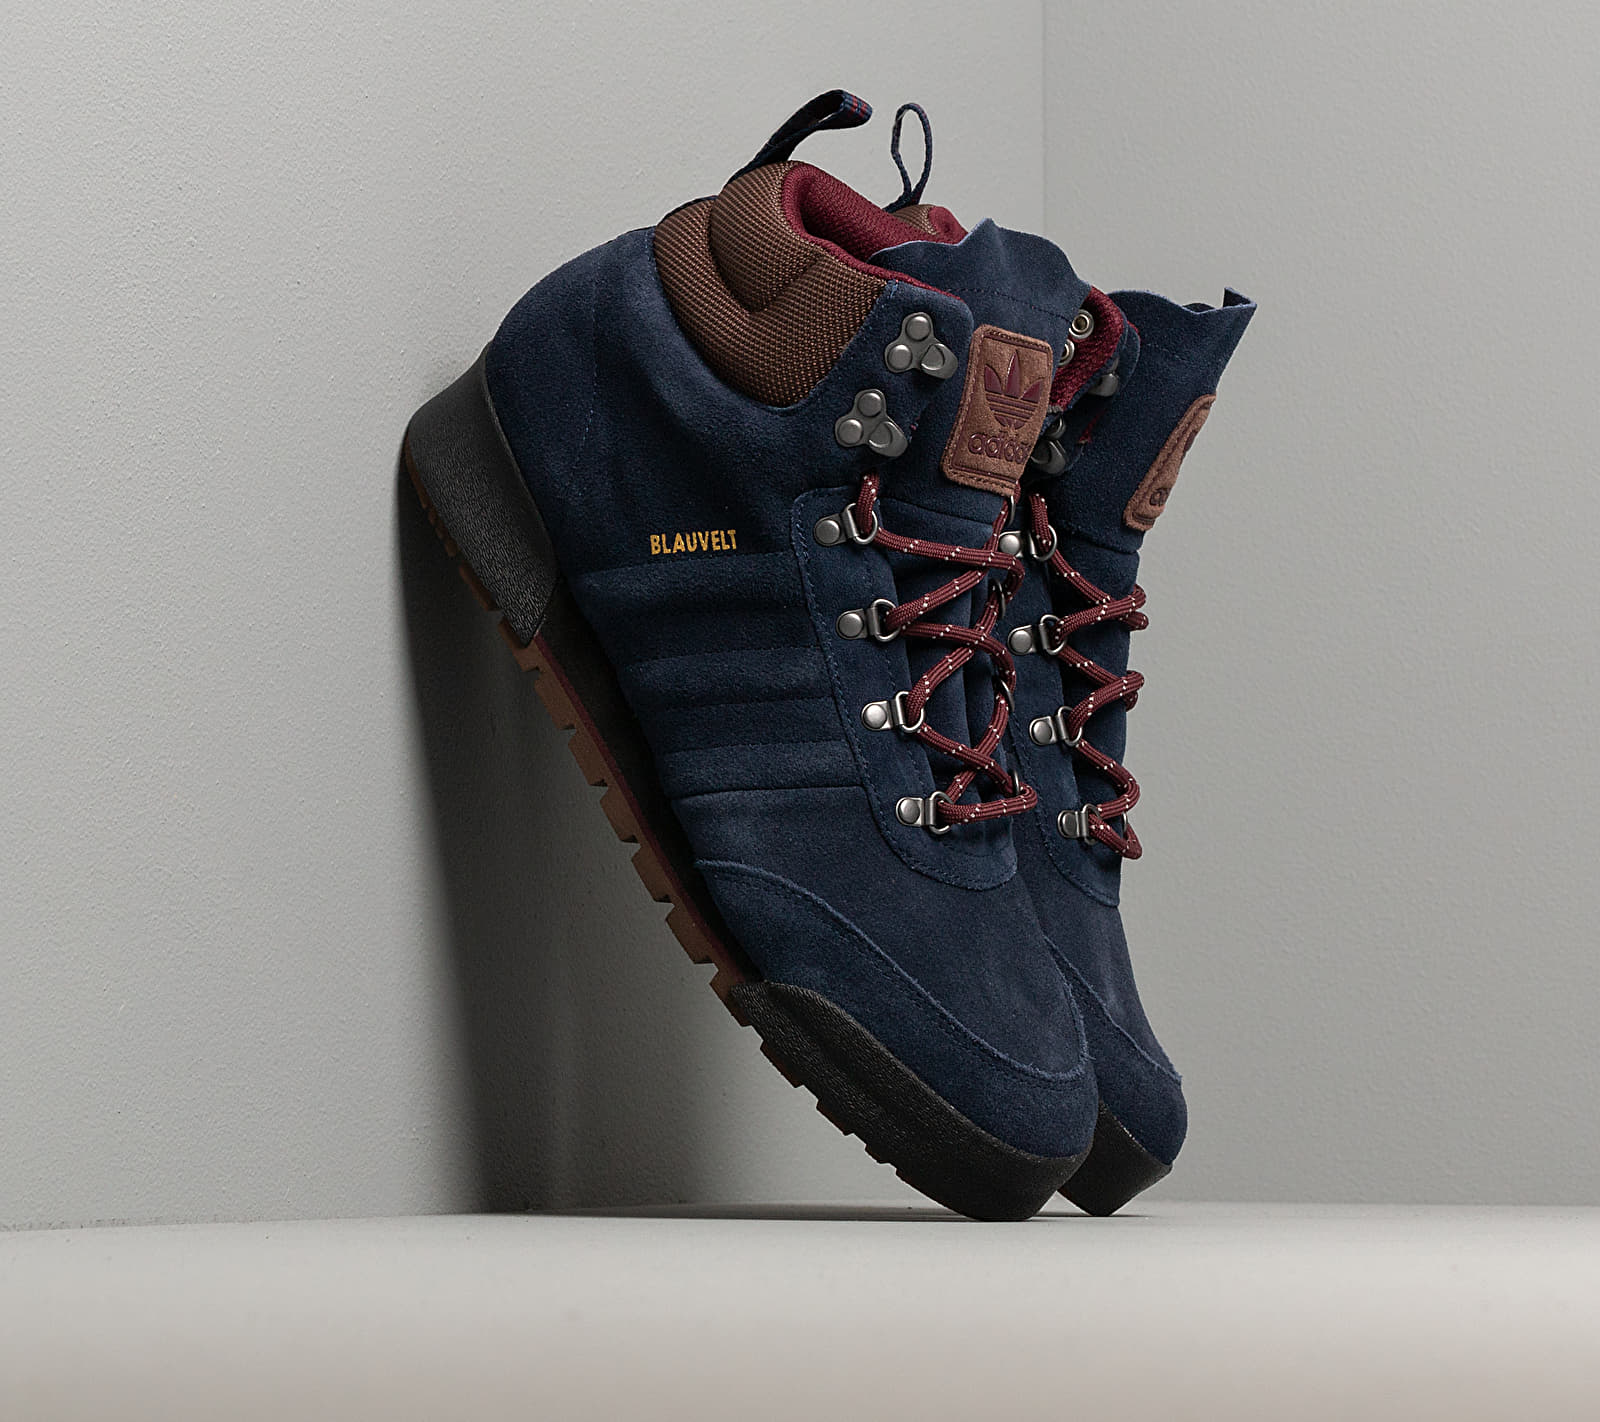 adidas Jake Boot 2.0 Collegiate Navy/ Maroon/ Brown EE6207